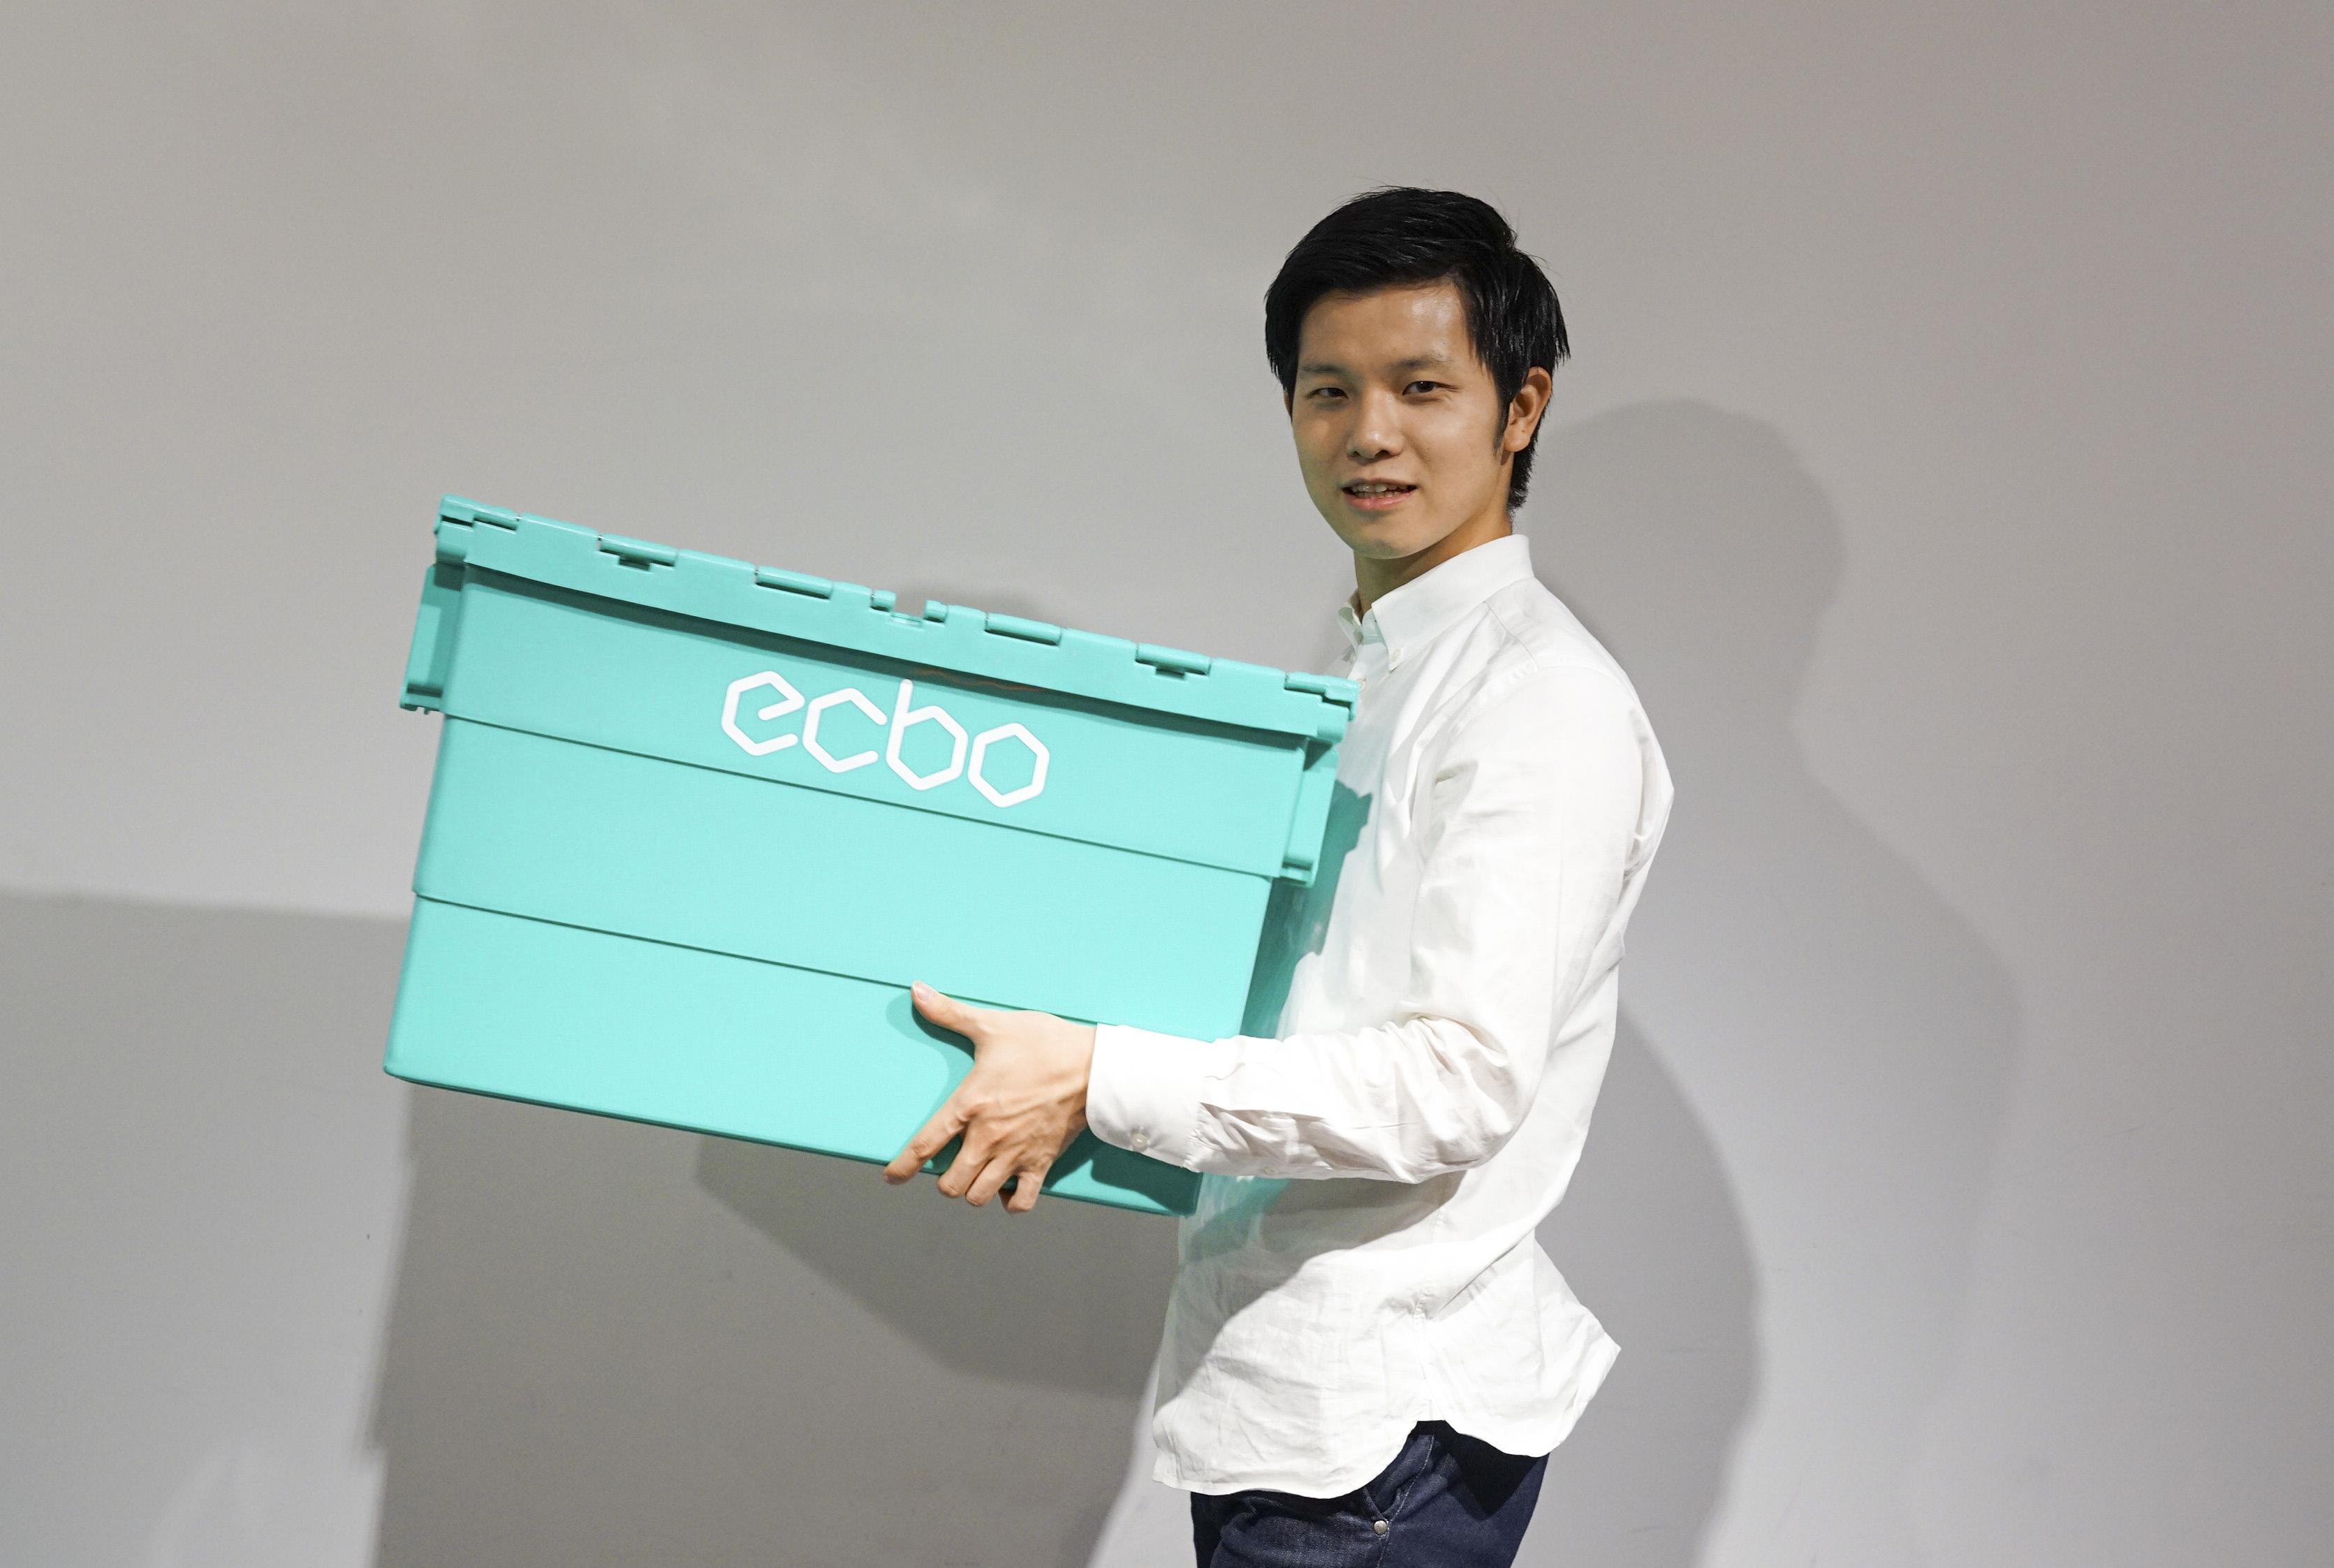 Ecbo_ceo_01